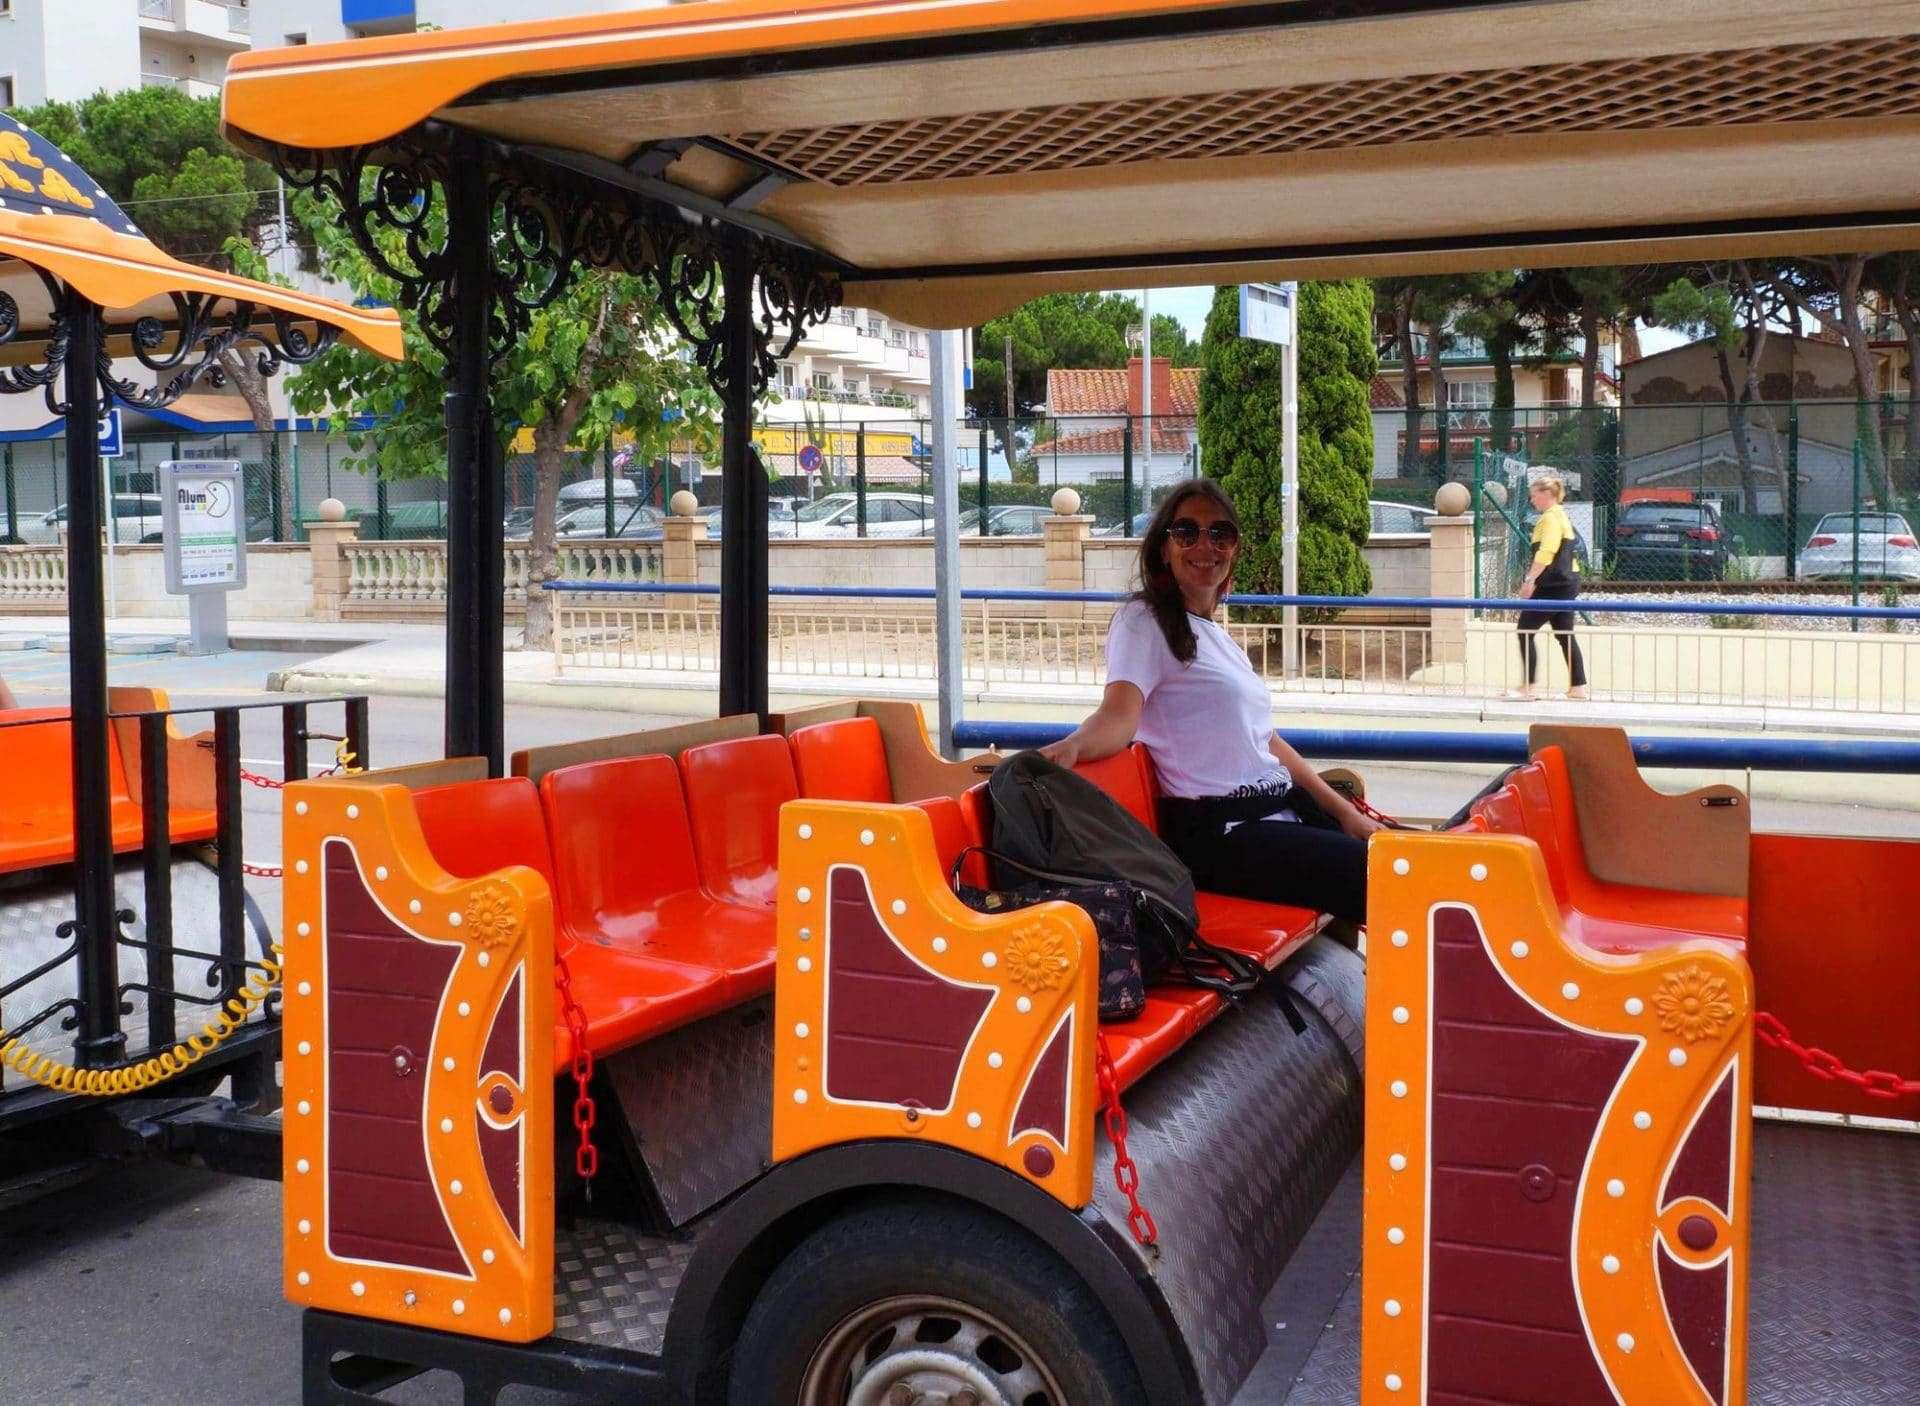 5 cose da fare a Santa Susanna in Costa Brava